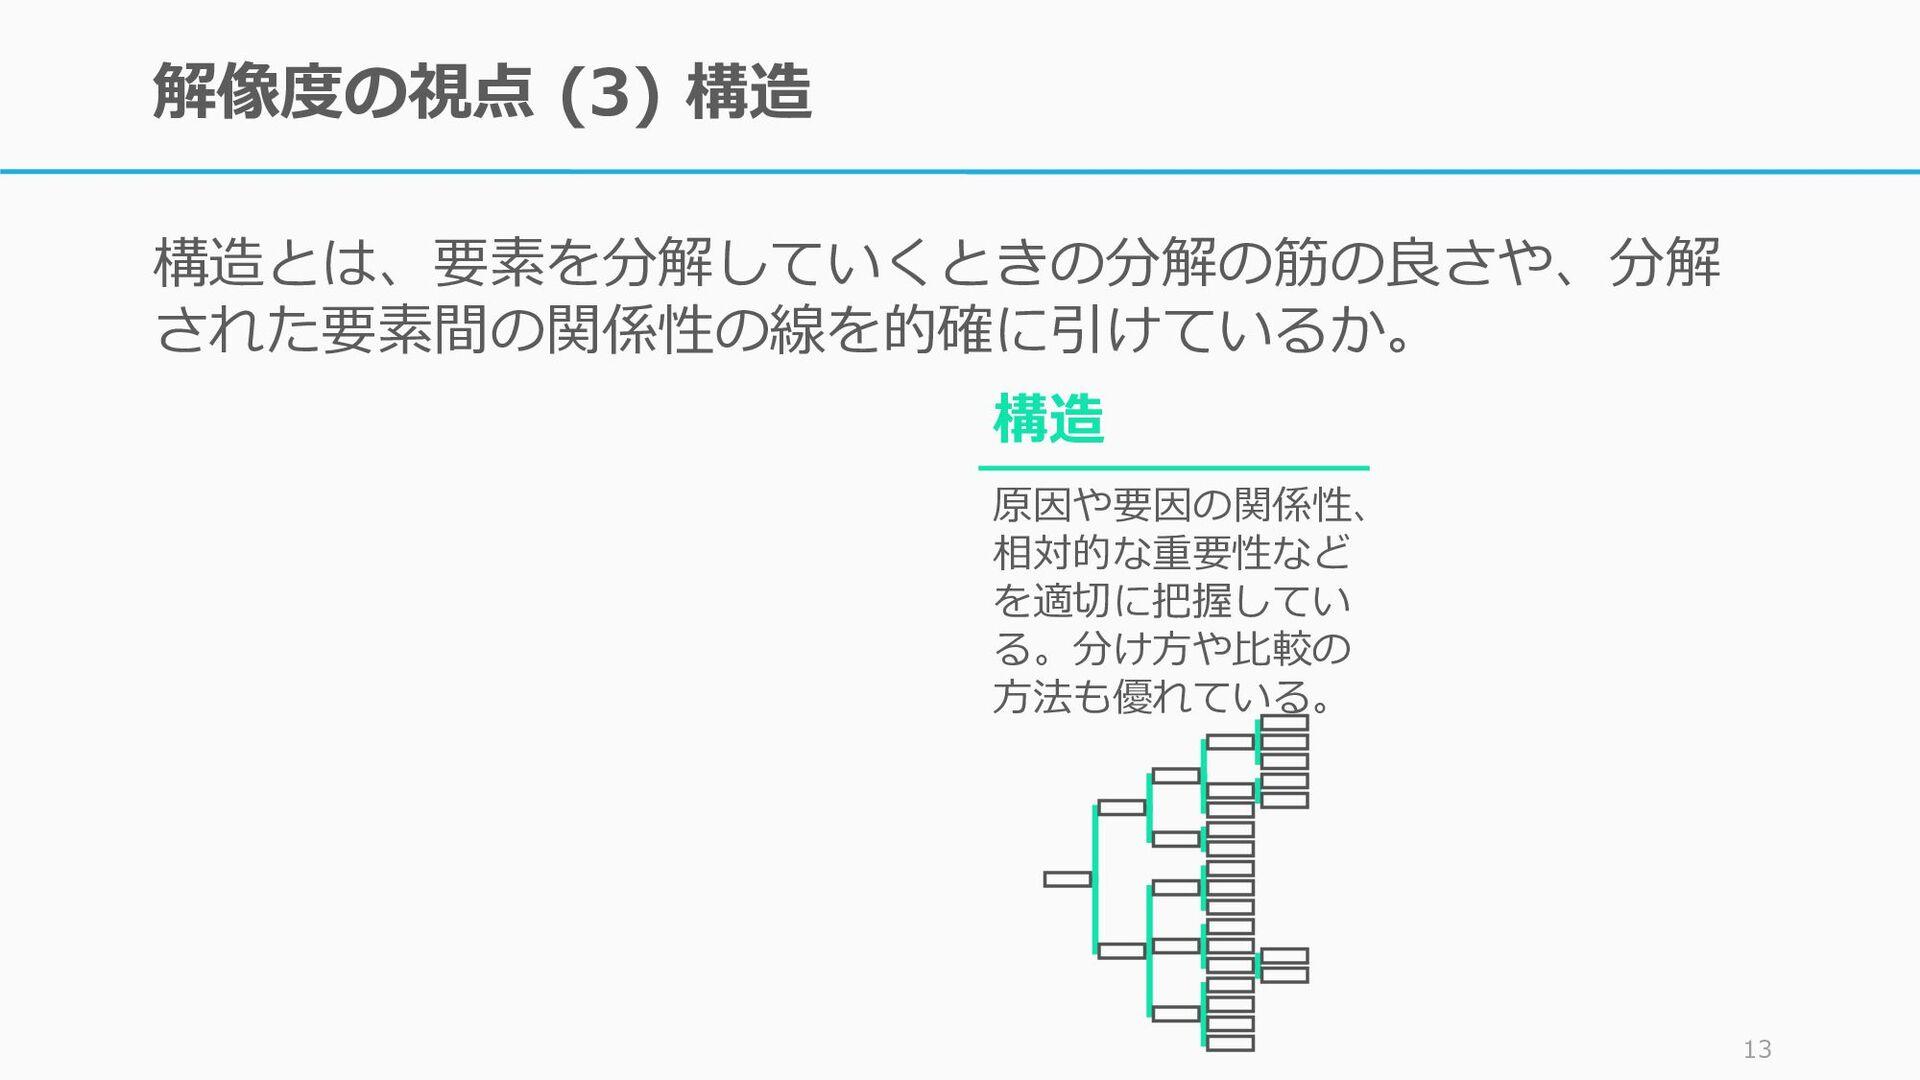 解像度の要素 (3):構造 構造とは、要素を分解していくときの分解の筋の良さや、分解 された要...